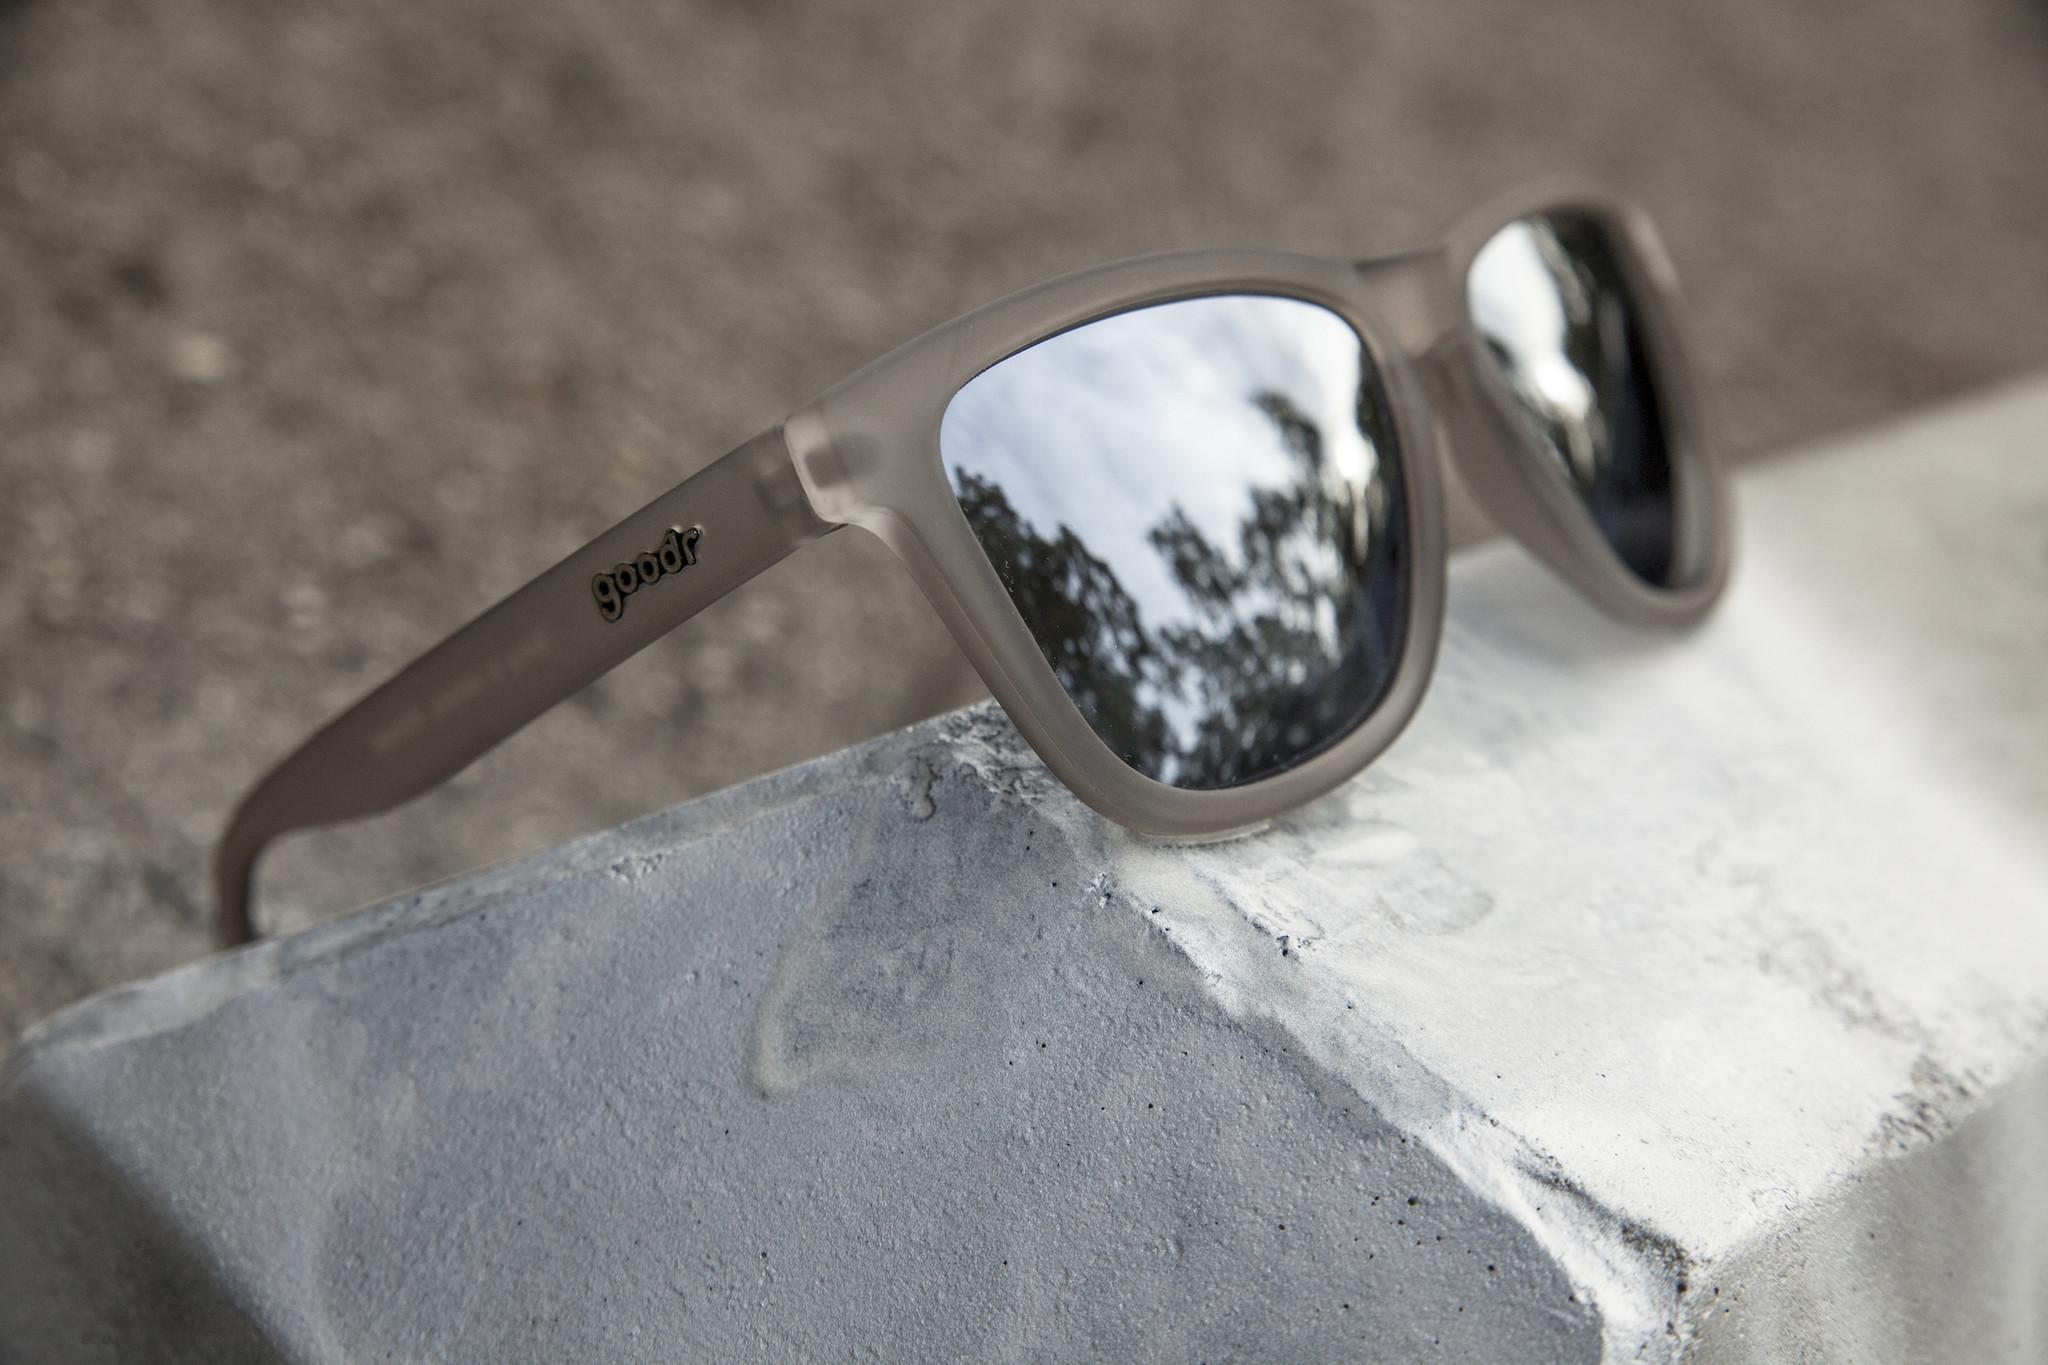 goodr OG goodr Sunglasses - Going to Valhalla...Witness!